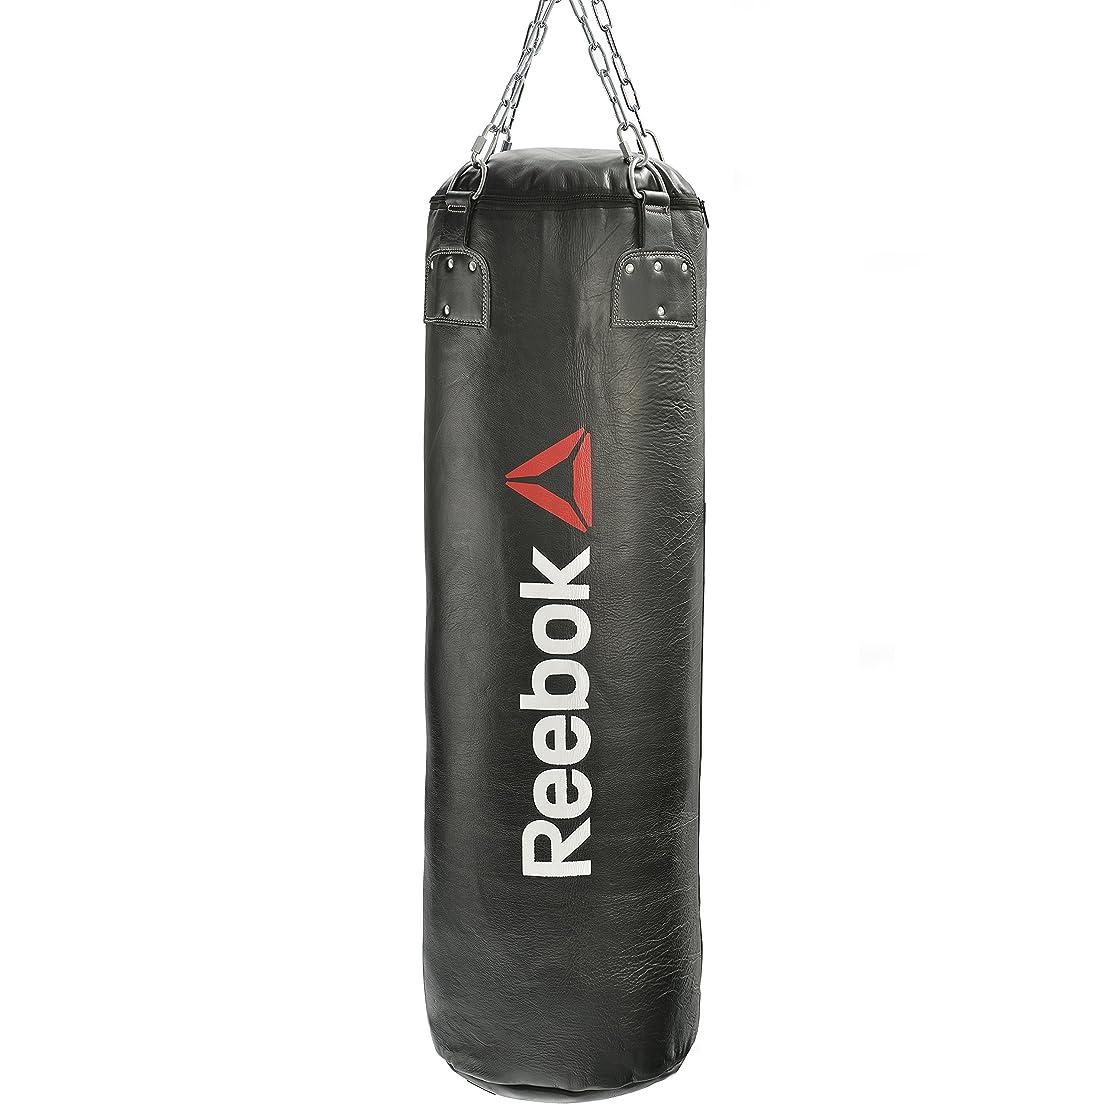 繊維バーガーうねるReebok(リーボック) コンバット サンドバッグ 150㎝ Heavy Bag - 65kg フィットネス ボクササイズ RSCB-11225